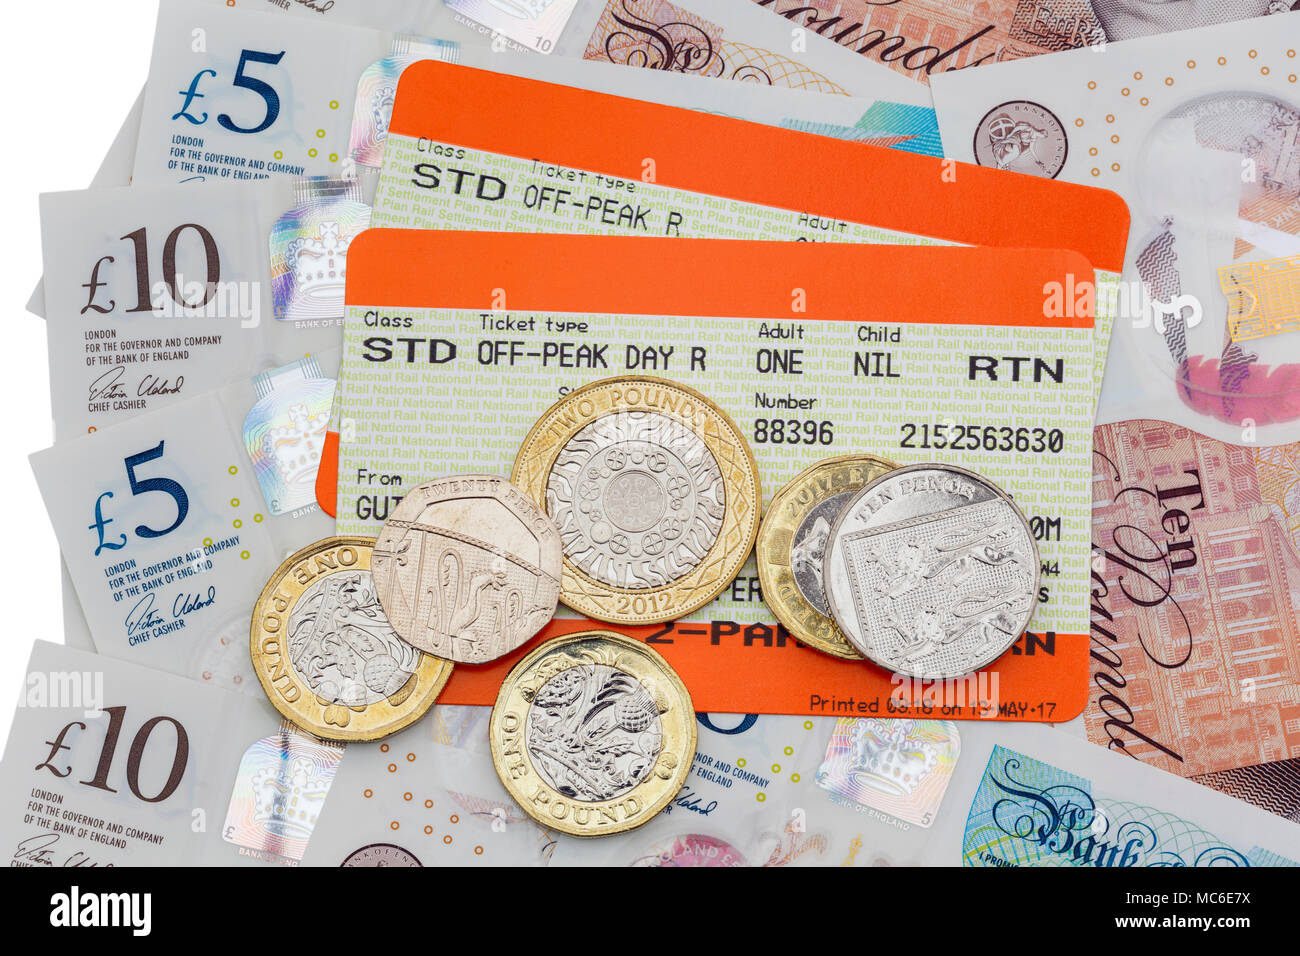 Due britannici i biglietti del treno per Standard off-peak viaggiare fuori e restituire le tariffe ferroviarie con nuovi cinque e dieci pound note e sterlina inglese e delle monete in euro. Inghilterra Regno Unito Gran Bretagna Immagini Stock